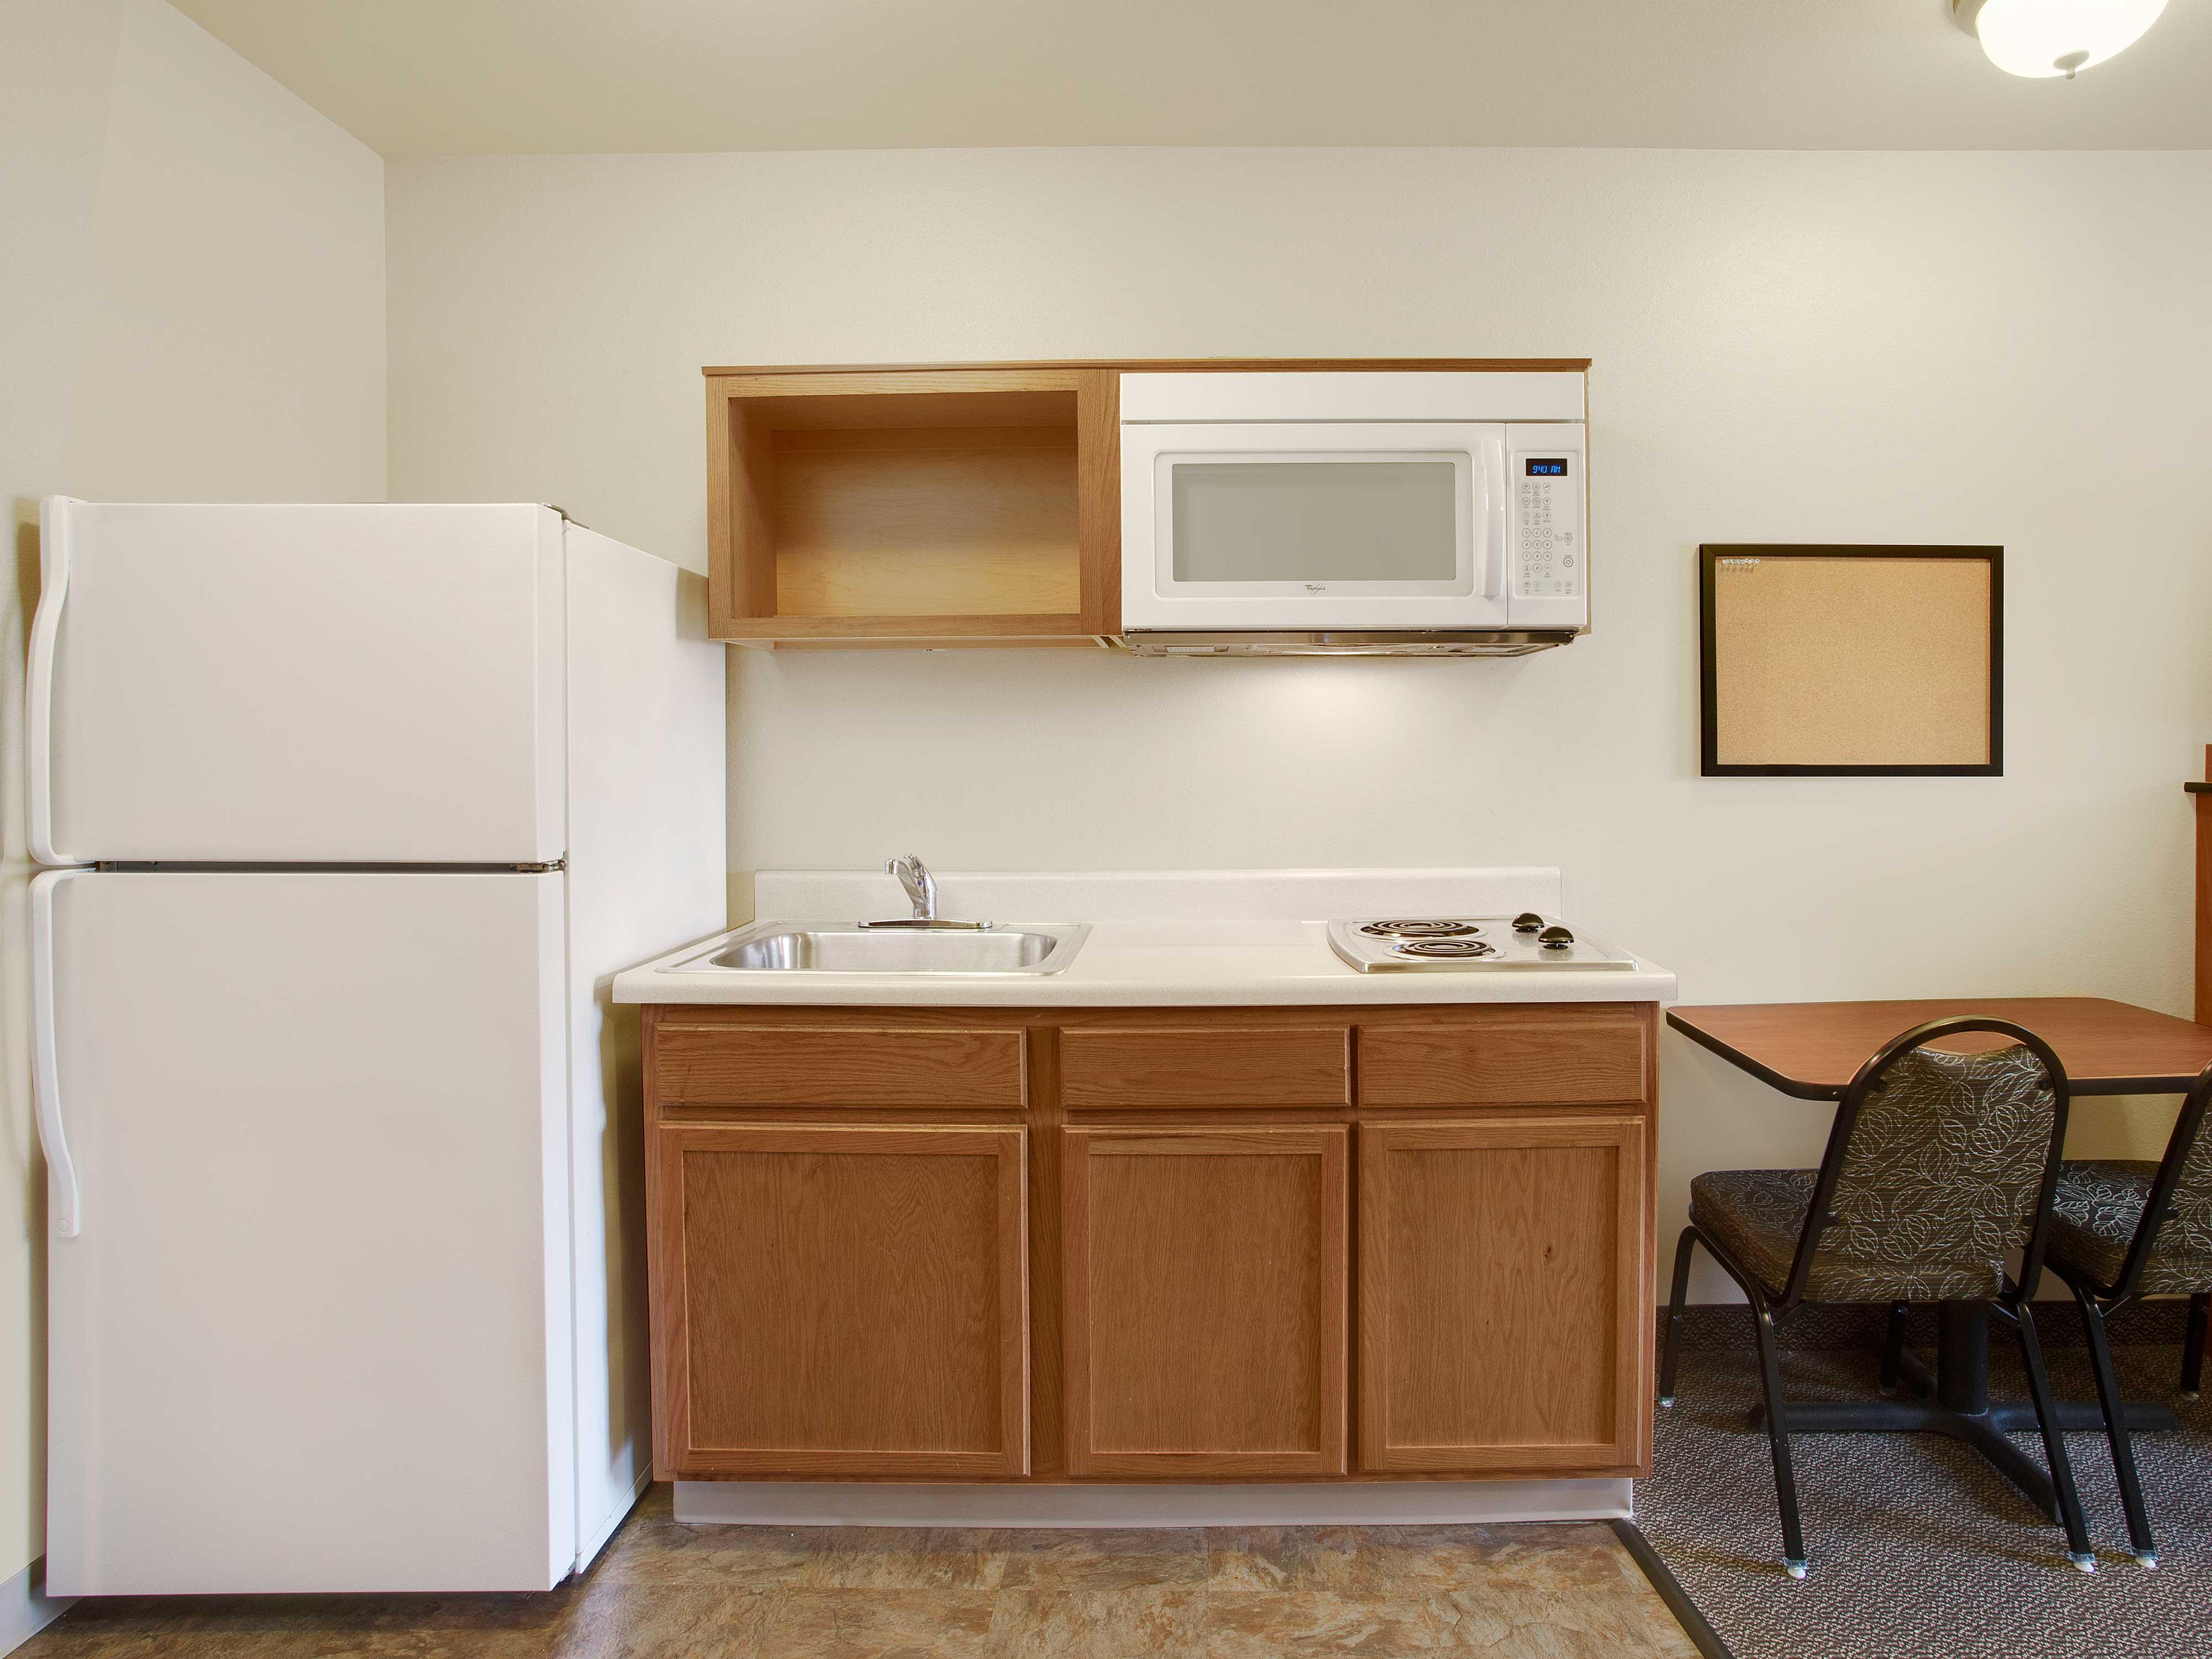 WoodSpring Suites Richmond West image 6